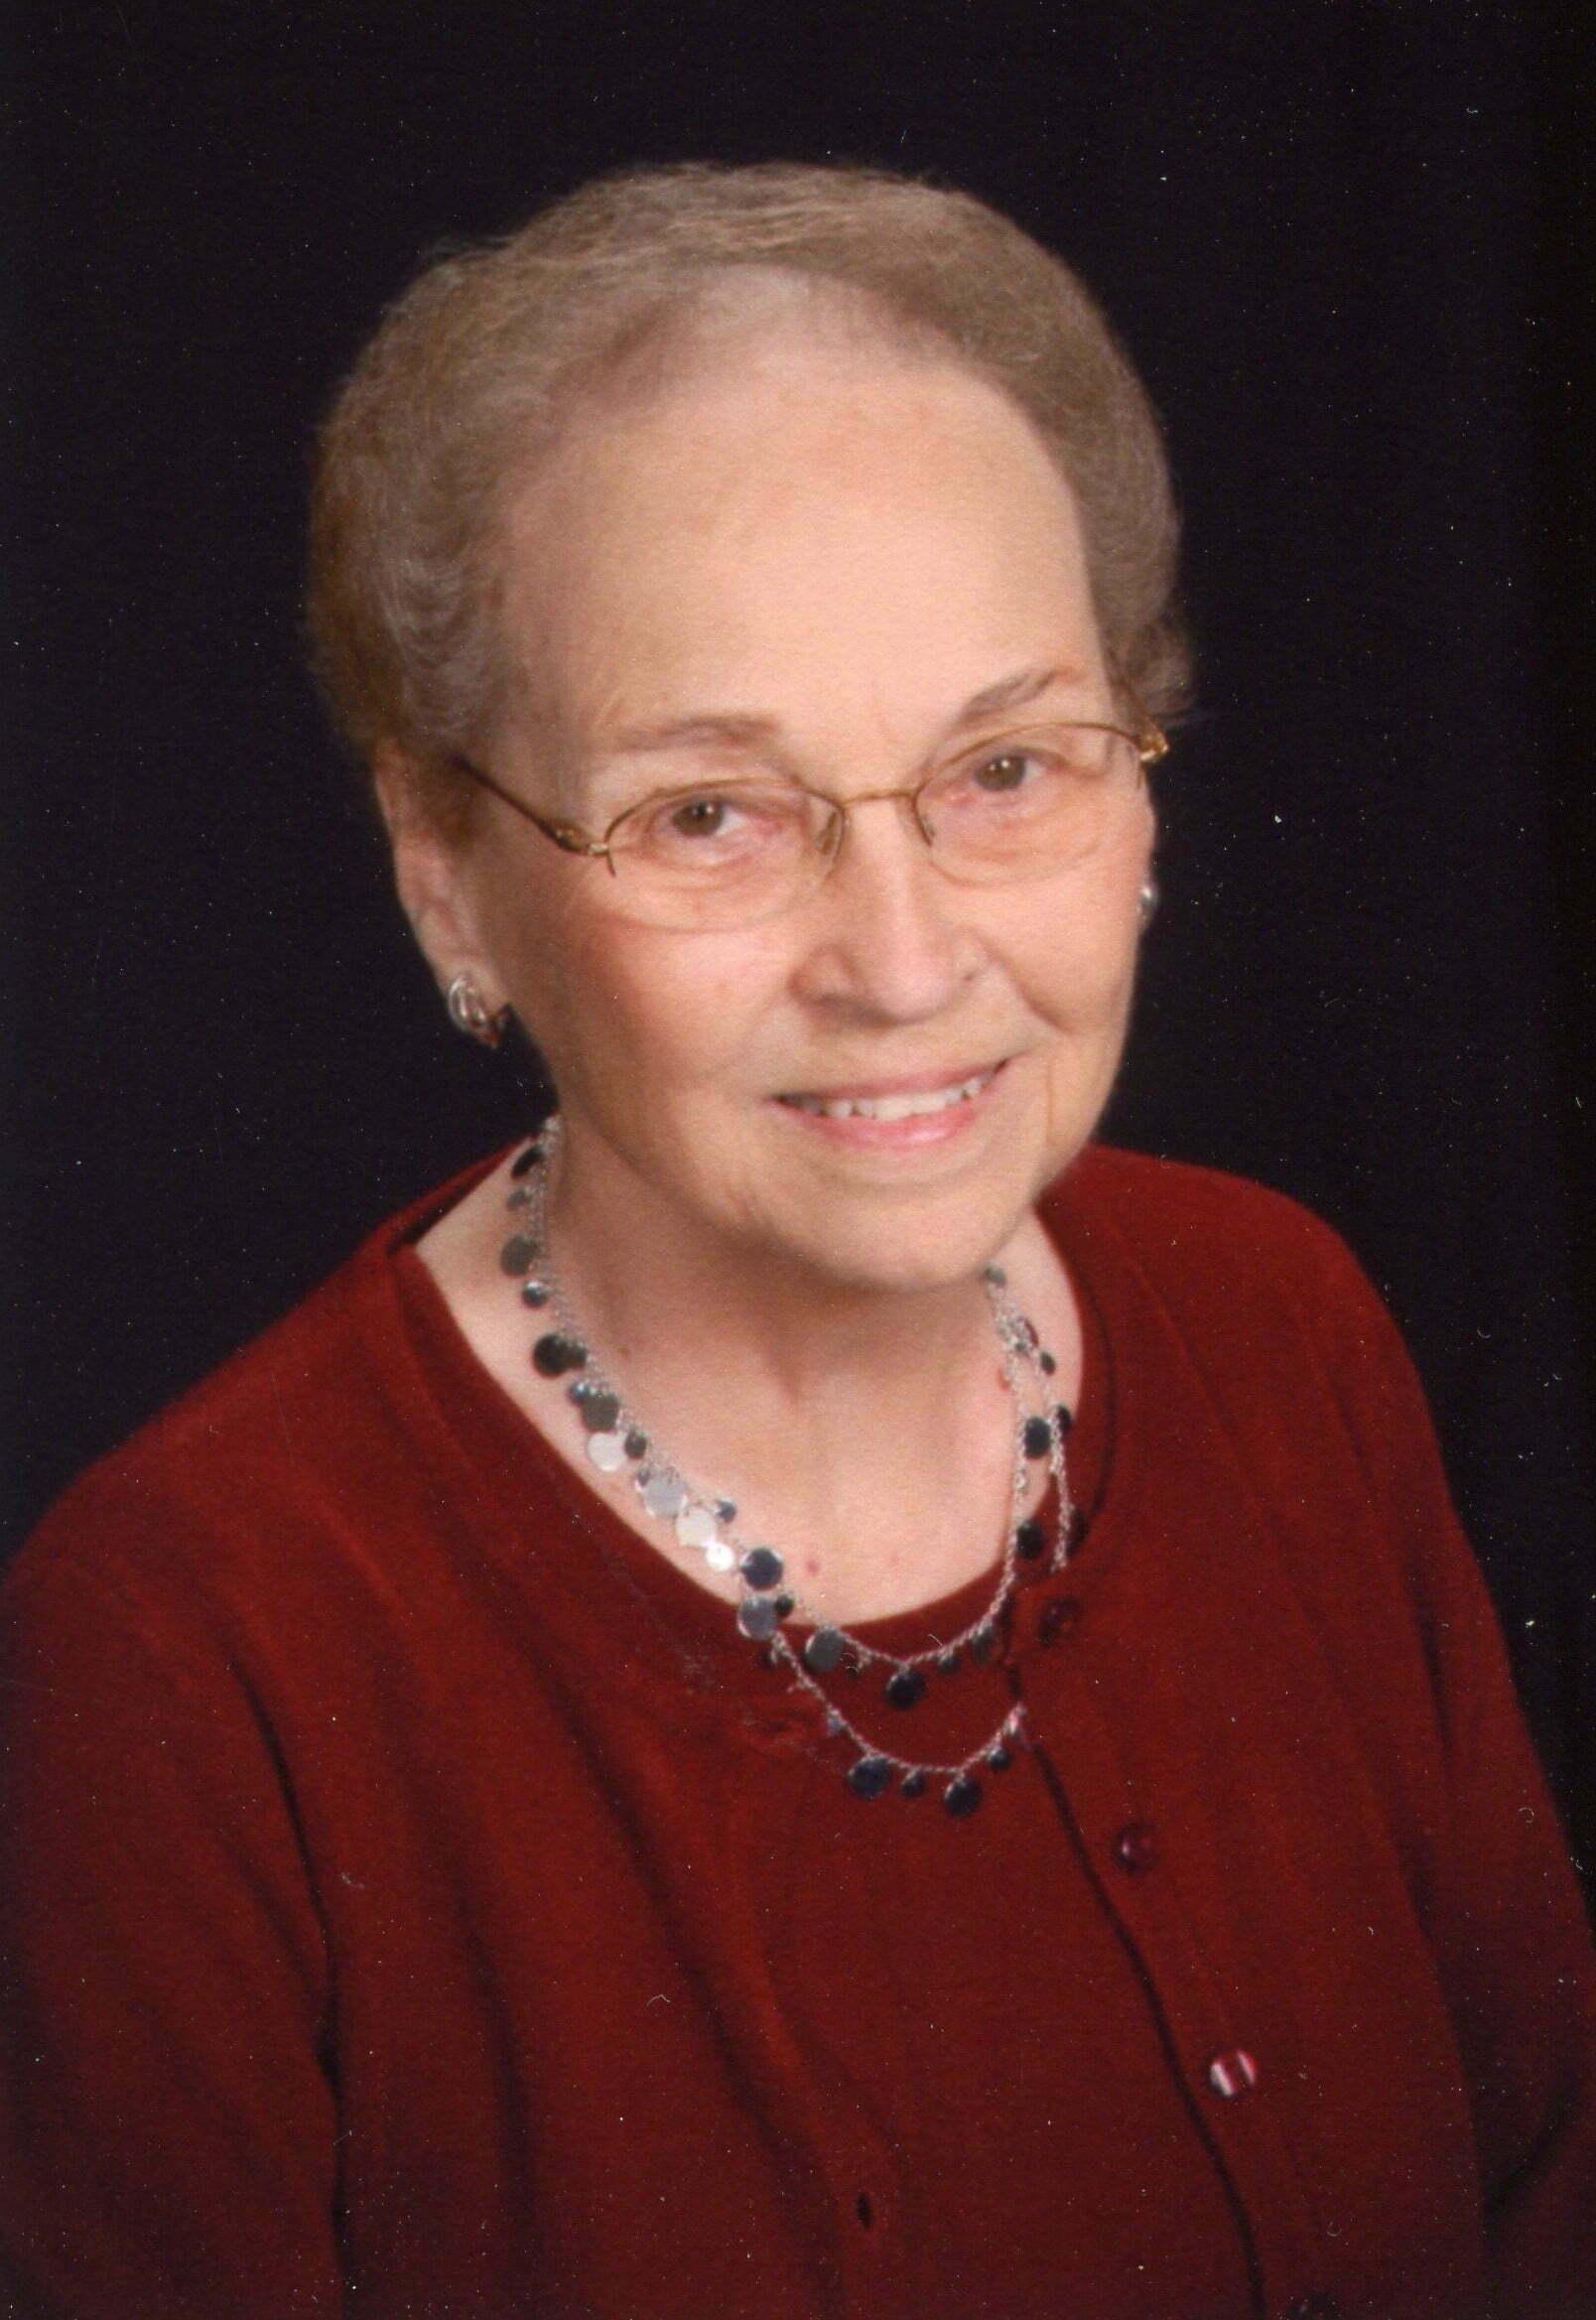 LaVerne C. Makar